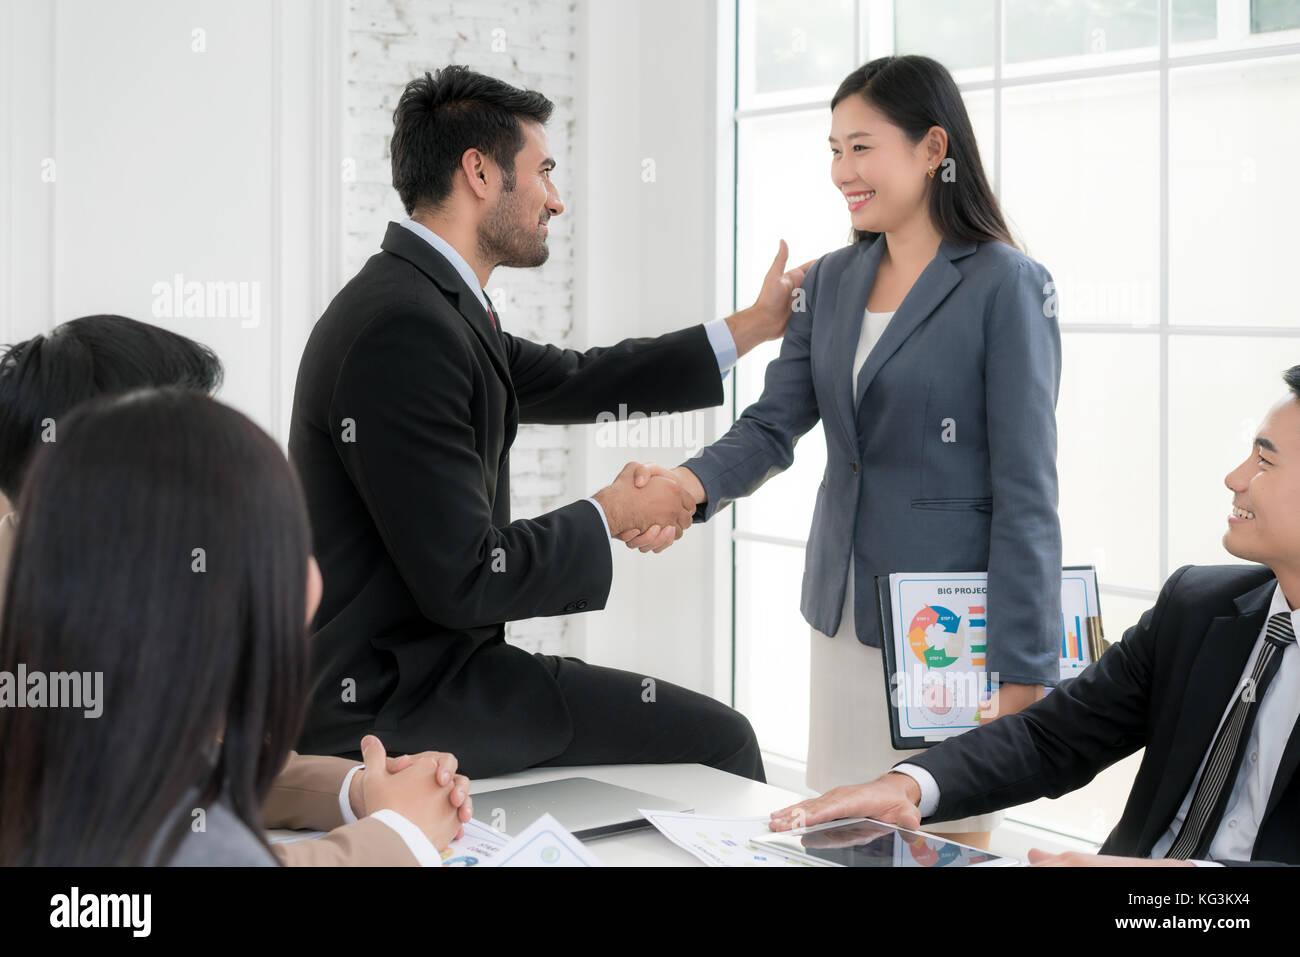 Asiatische Geschäftsmann und Geschäftsfrau Hände schütteln im Konferenzraum. Geschäft Leute Stockbild